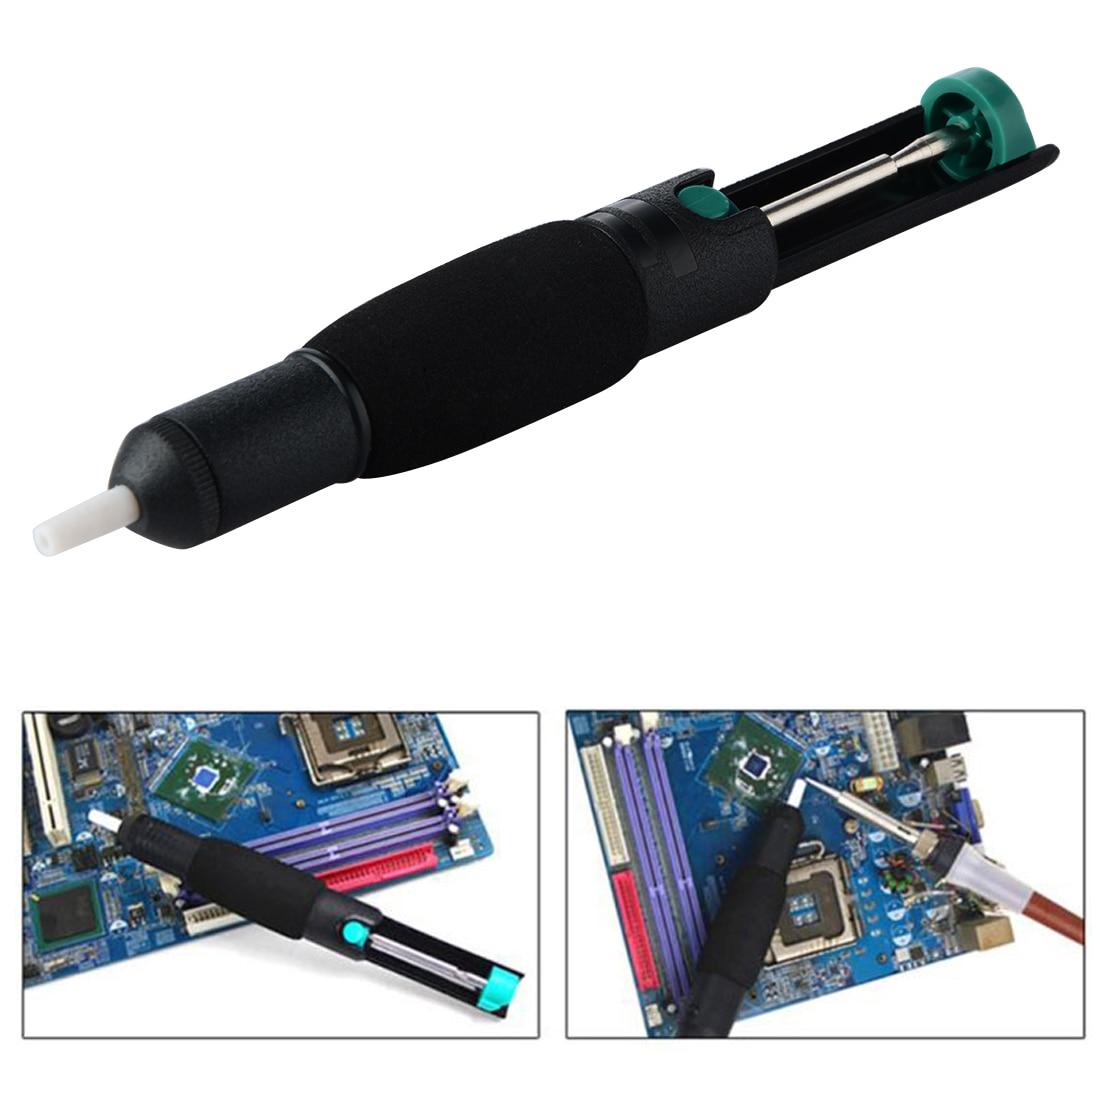 где купить Desoldering Pump 35cm-Hg Suction Tin Welding Tools Solder Sucker Desoldering Pump DIY Hand Tools по лучшей цене